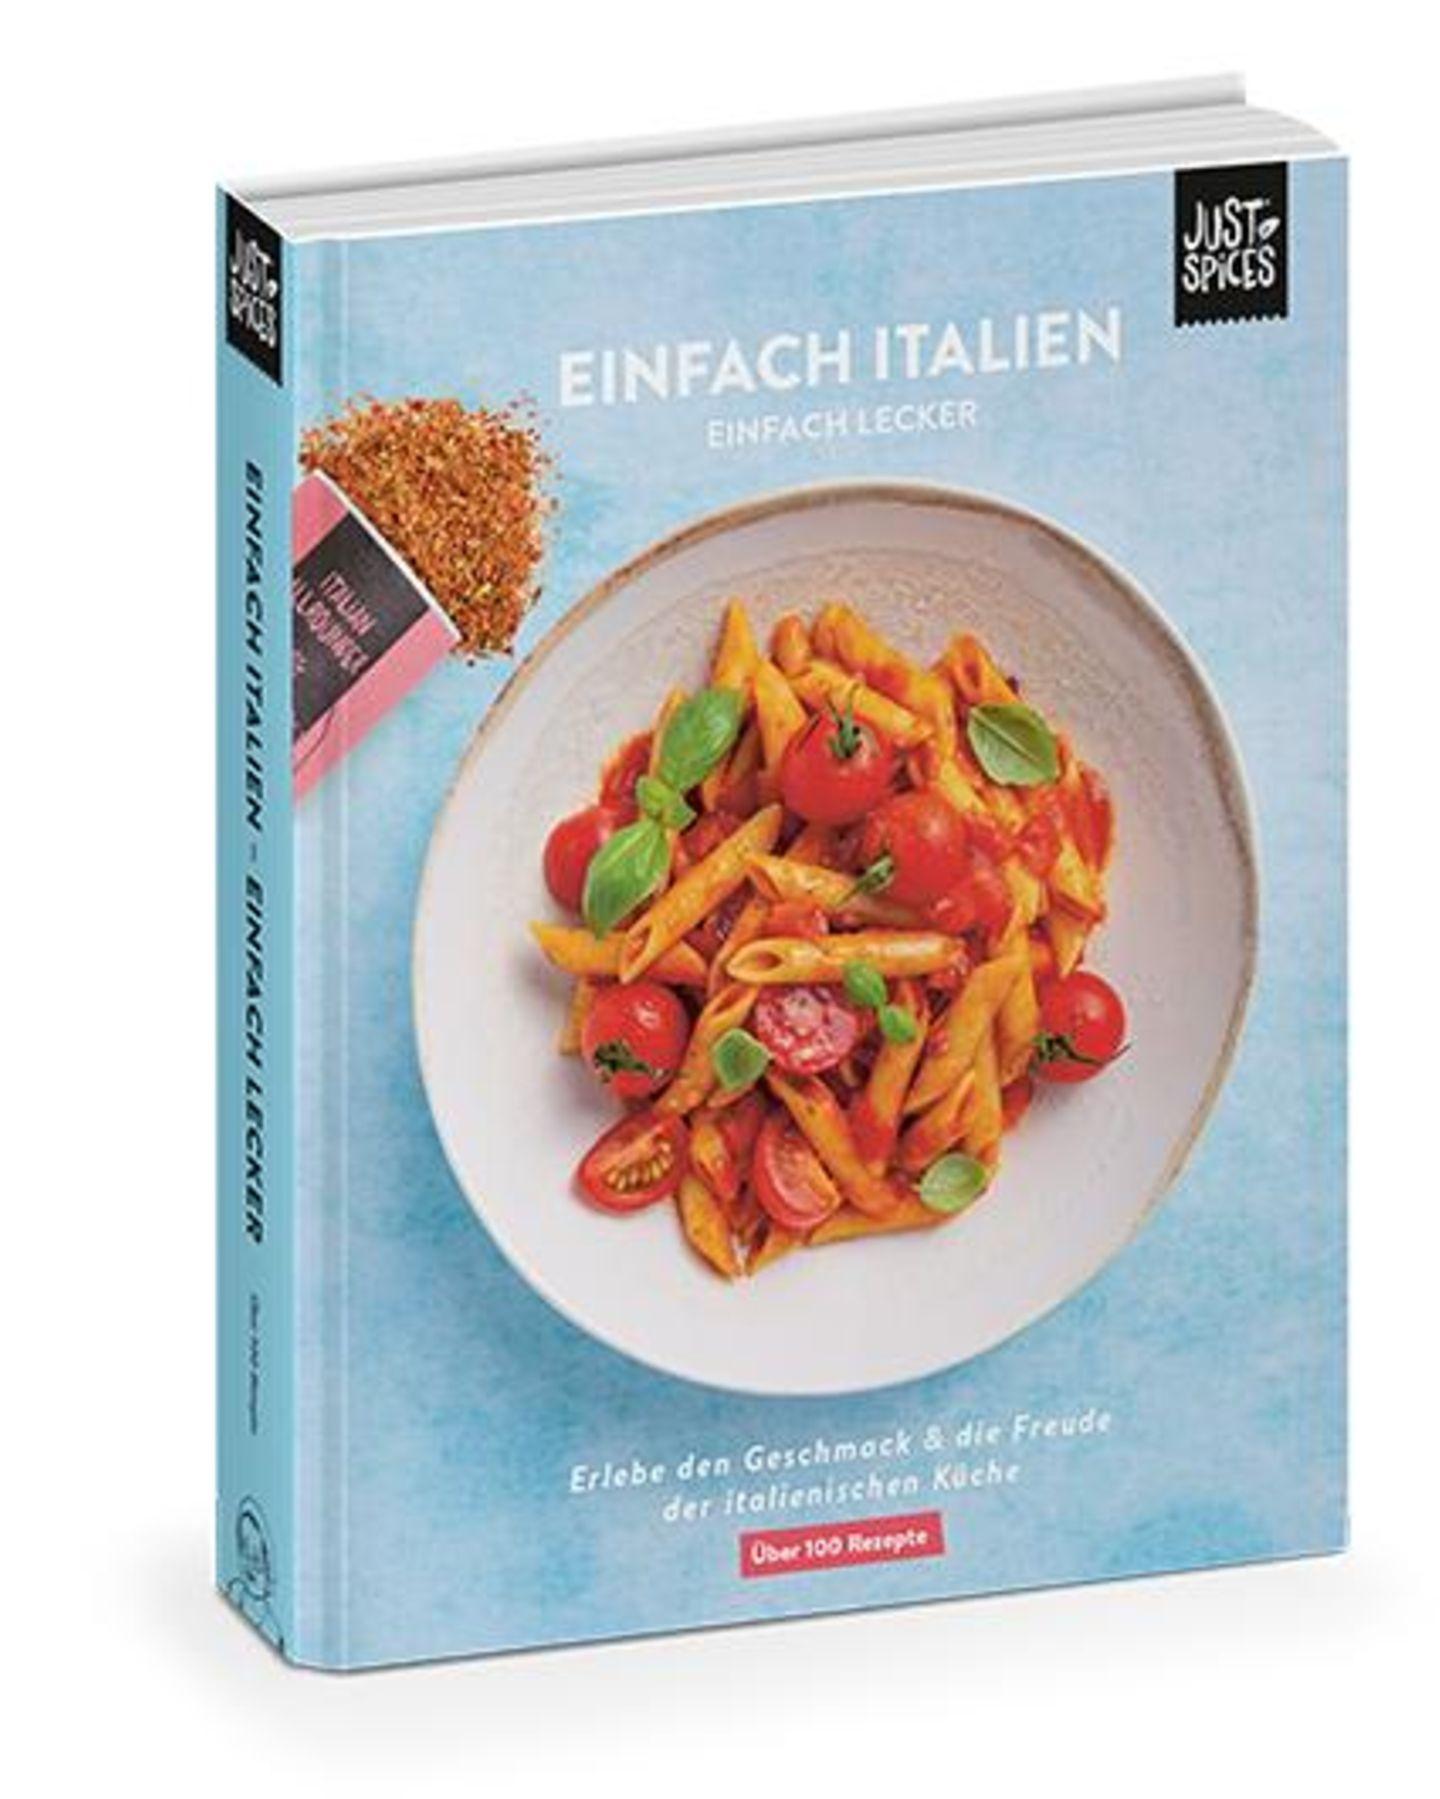 """ich koche sooo gerne– für mich und für andere! Dabei liebe ich es, nach neuen Rezepten zu stöbern und neue Gerichte auszuprobieren – vor allem dann, wenn sie inspiriert sind von Bella Italia. Pasta, Pizza, leckere Salate und frischer Fisch – hach, da läuft einem doch das Wasser im Mund zusammen. Das neue Kochbuch""""Einfach Italien, einfach lecker""""von Just Spices kommt mir somit gerade recht. Die über 100 Rezepte sind nicht nur mega lecker, sie sind auch mit praktischen Step-by-Step-Anleitungen versehen sowie hilfreichen Tipps für die echte italienische Küche. Und na klar: Die passenden Gewürzempfehlungen dürfen natürlich auch nicht fehlen. Um 25 Euro.  Ann, Mode-und Beauty-Redakteurin"""